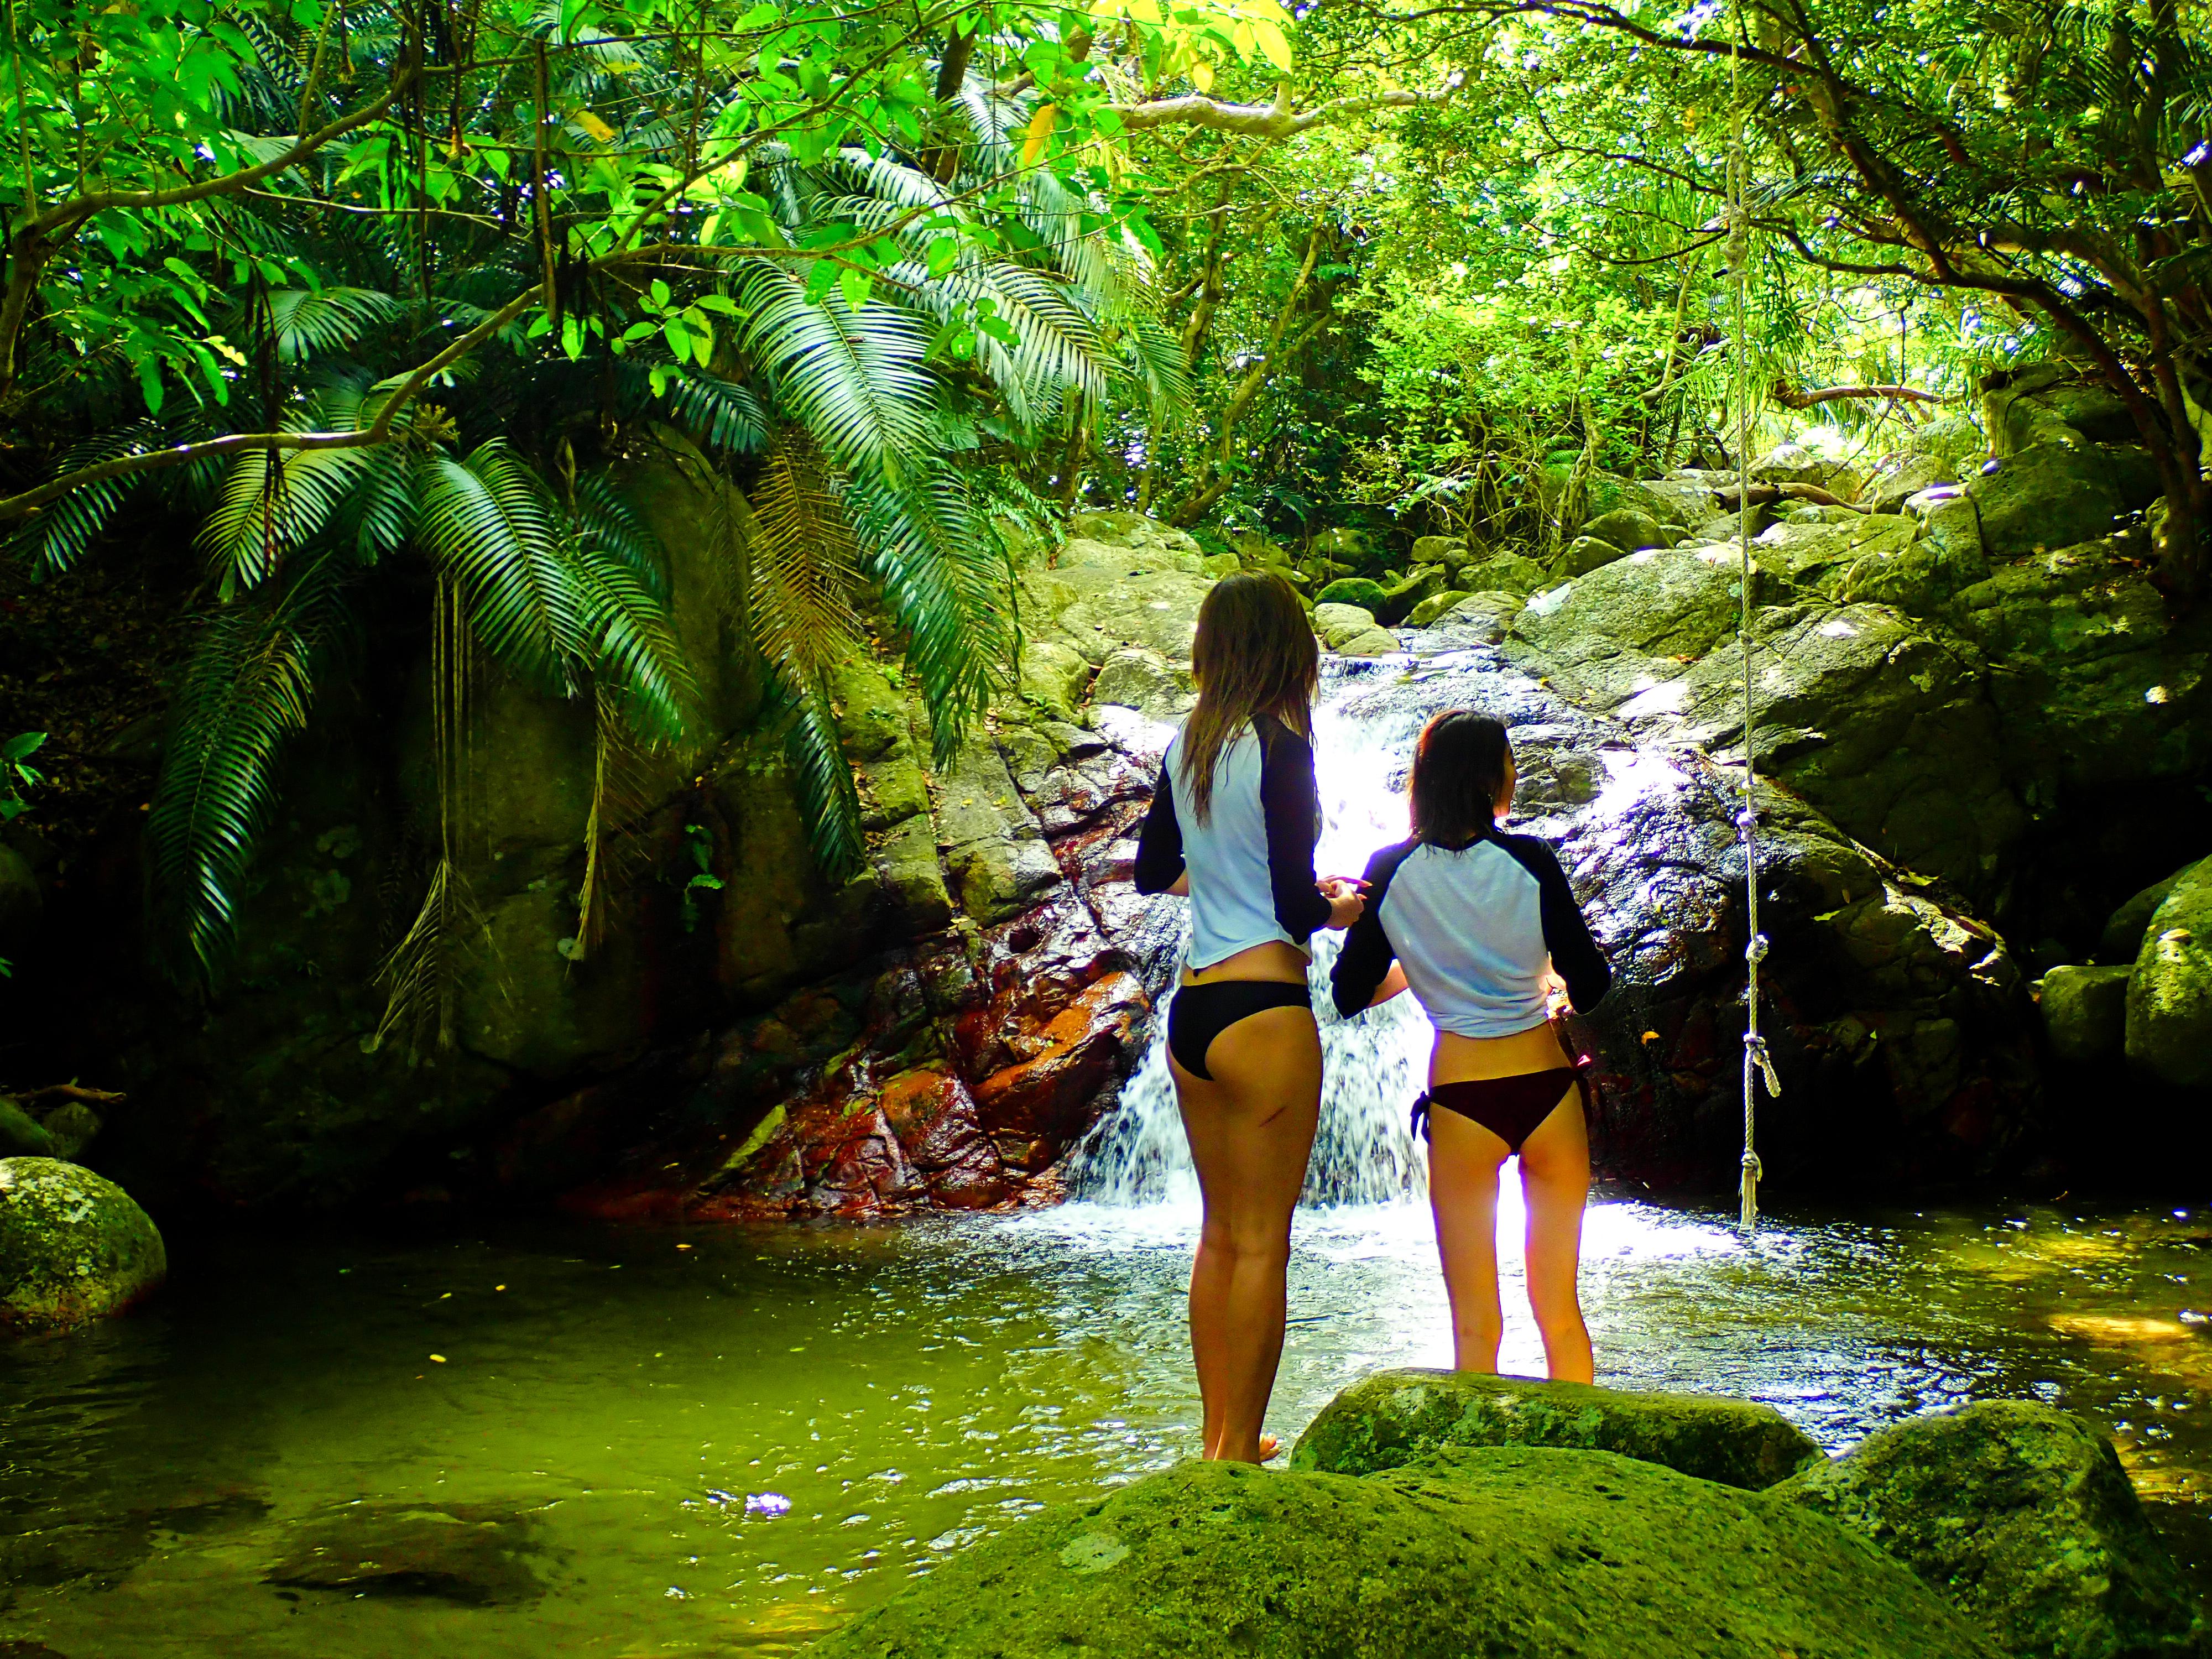 荒川の滝を観光する女性2人